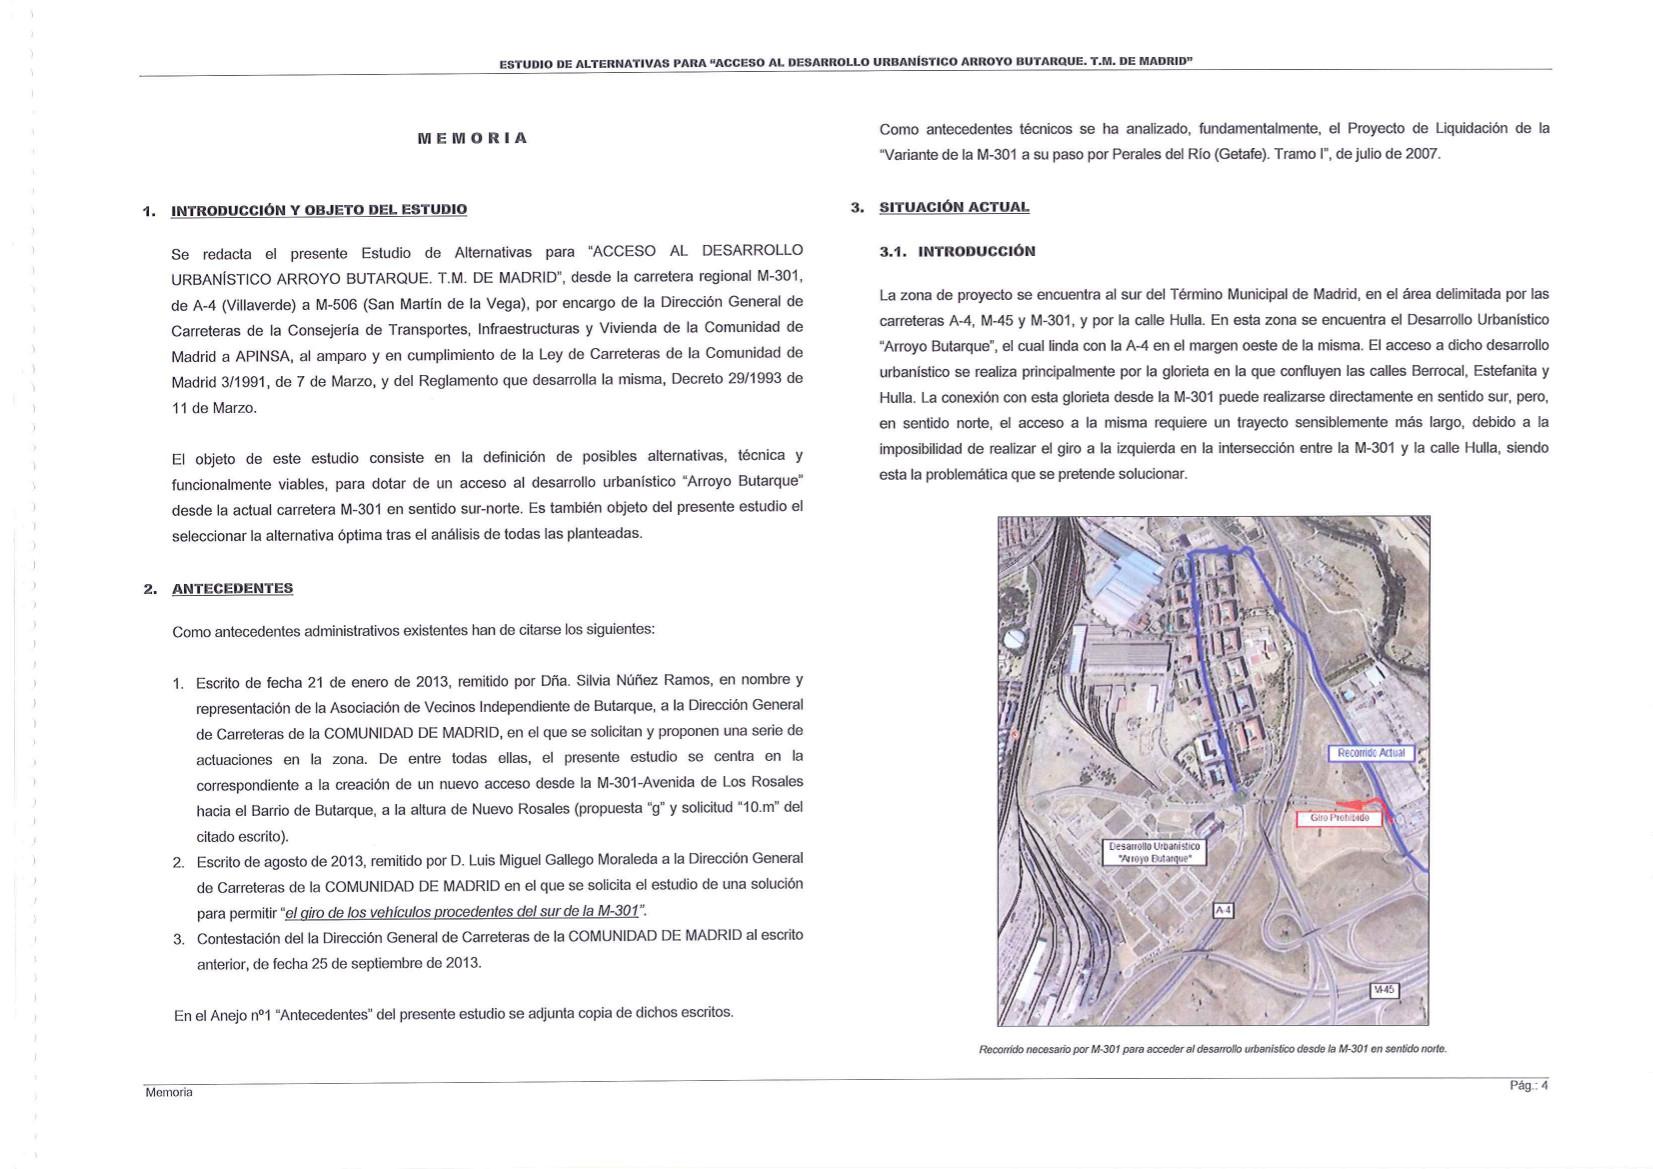 20140200_Estudio_alternativas_accesos_carretera_Butarque_CM_05.jpg